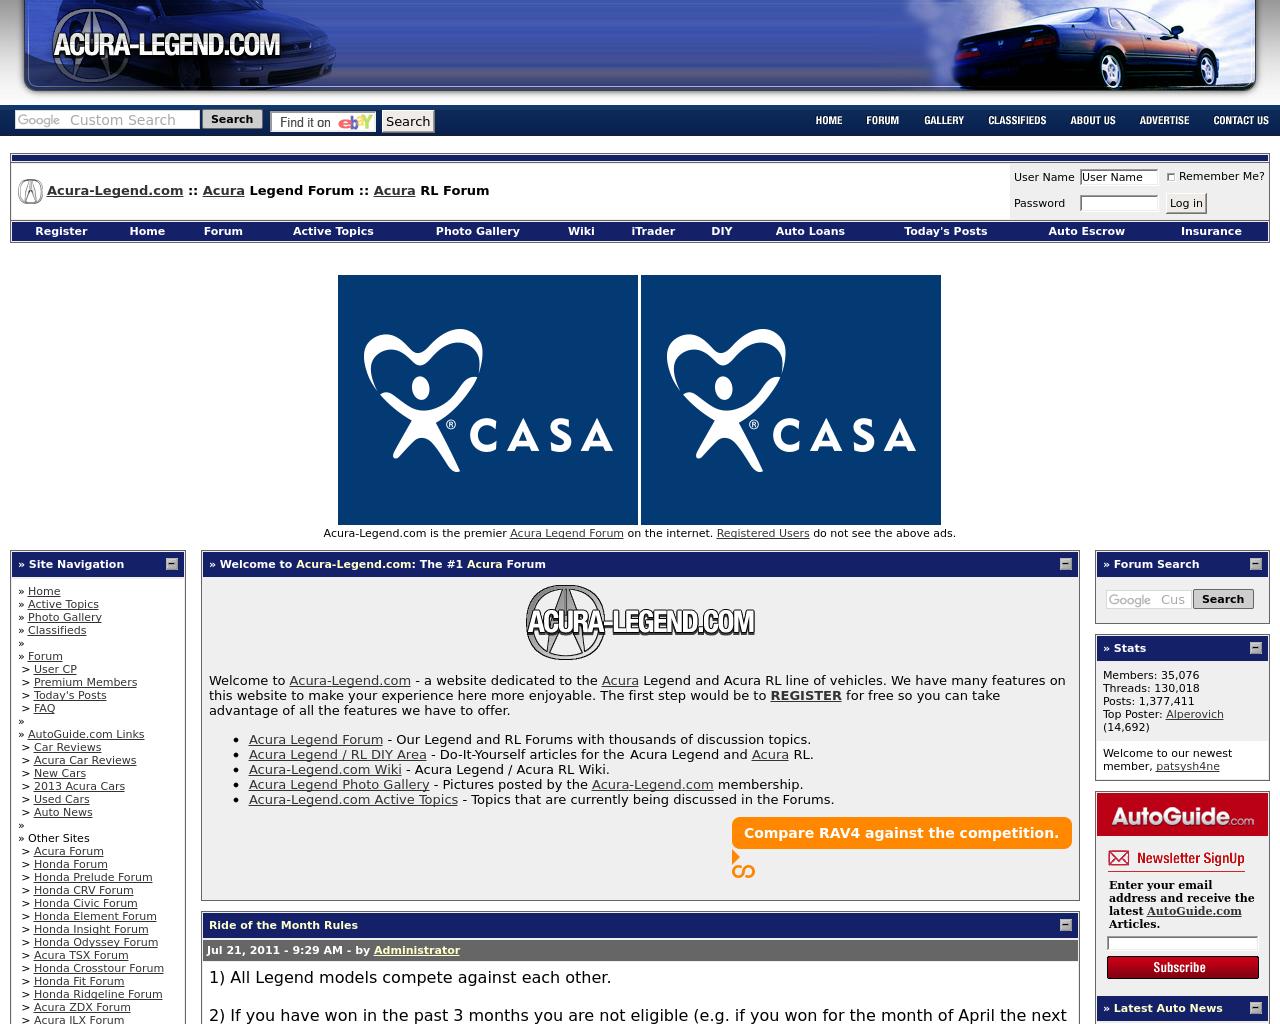 Acura-Legend.com-Advertising-Reviews-Pricing